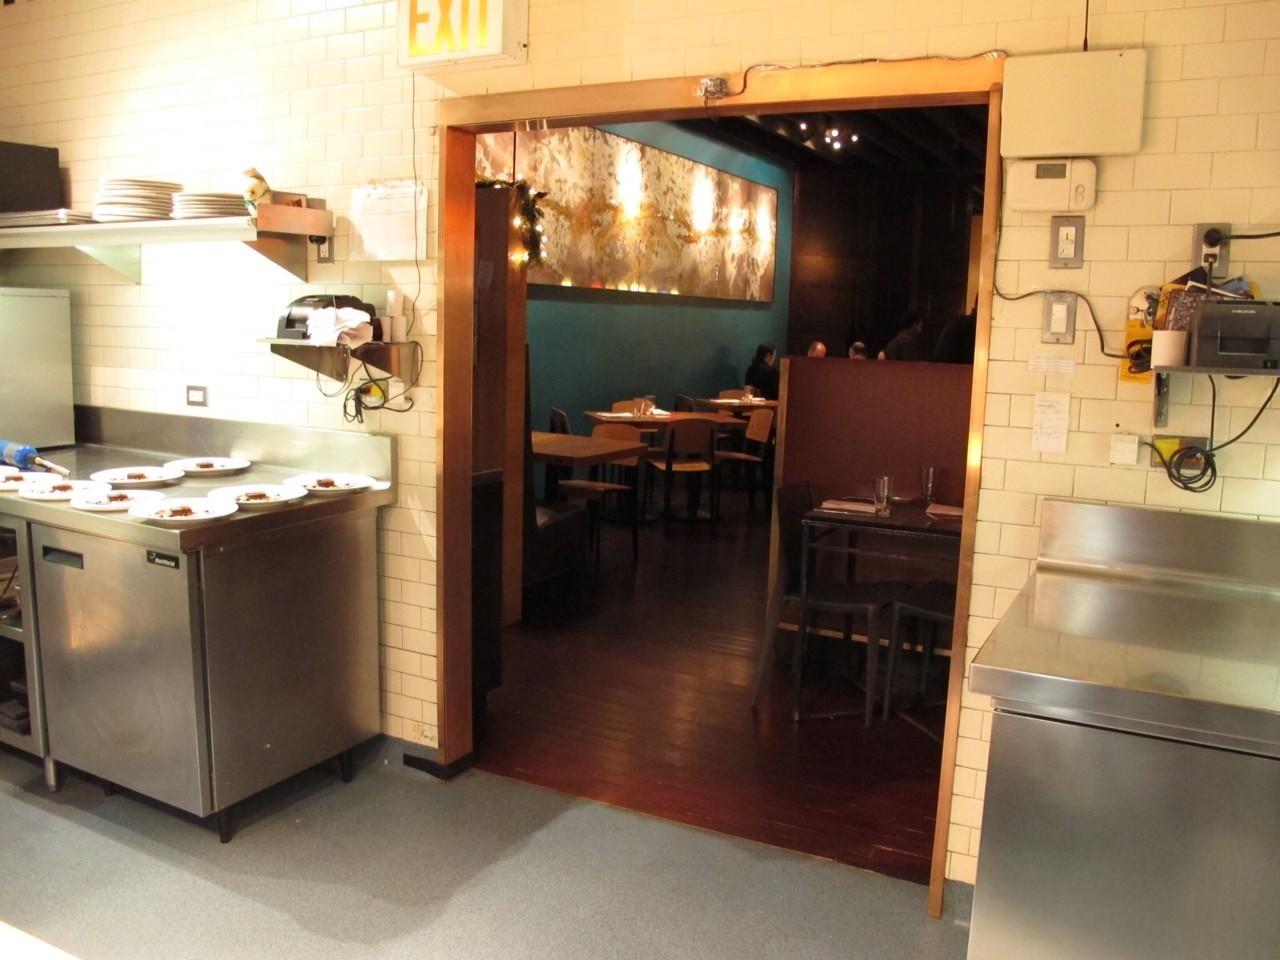 sala vista da cozinha .jpg